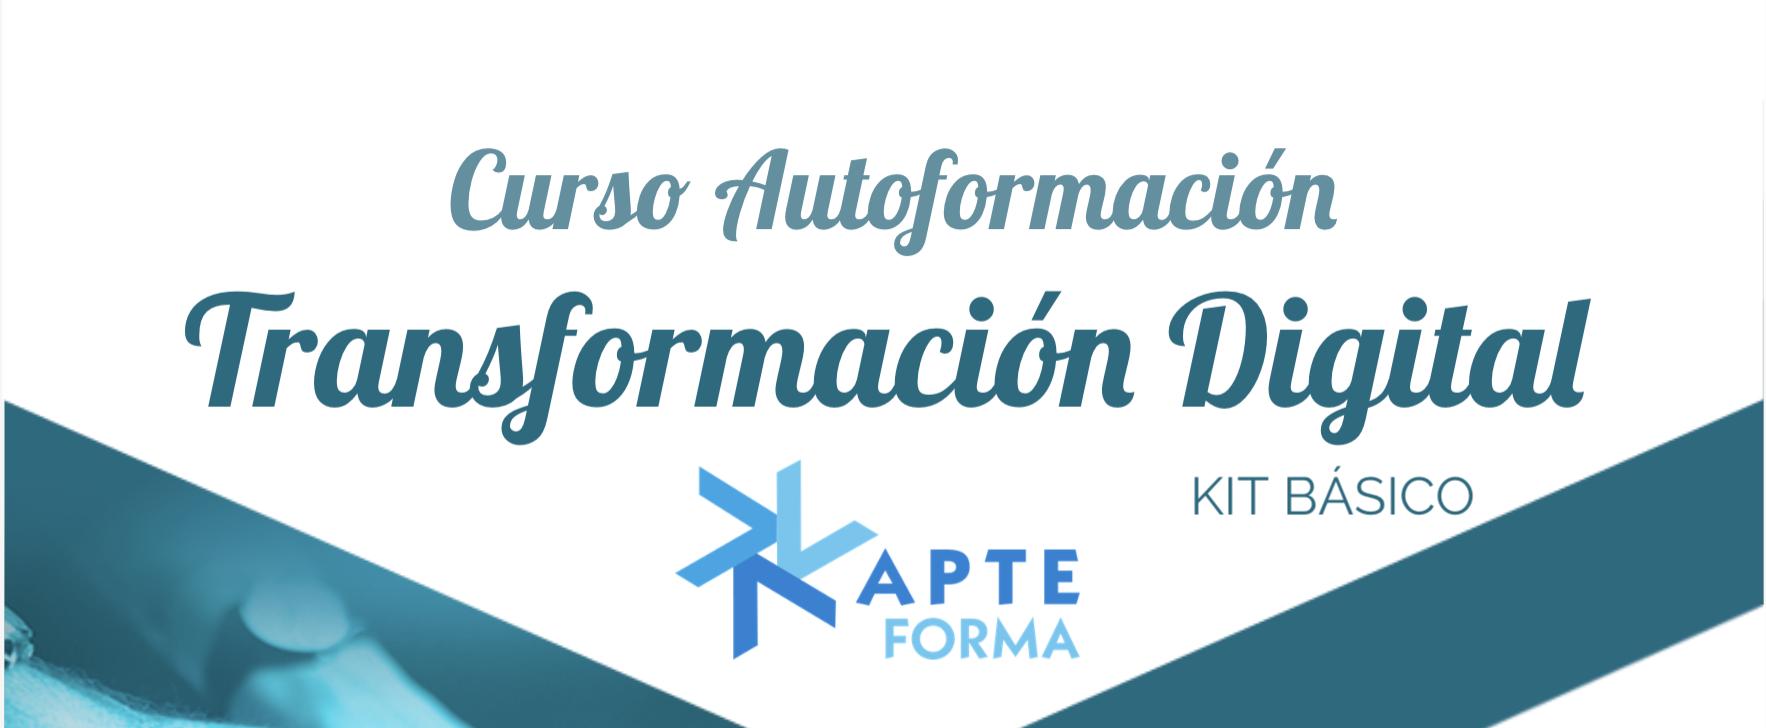 Infografía Curso Autoformación Competencias para la Transformación Digital de la Empresa